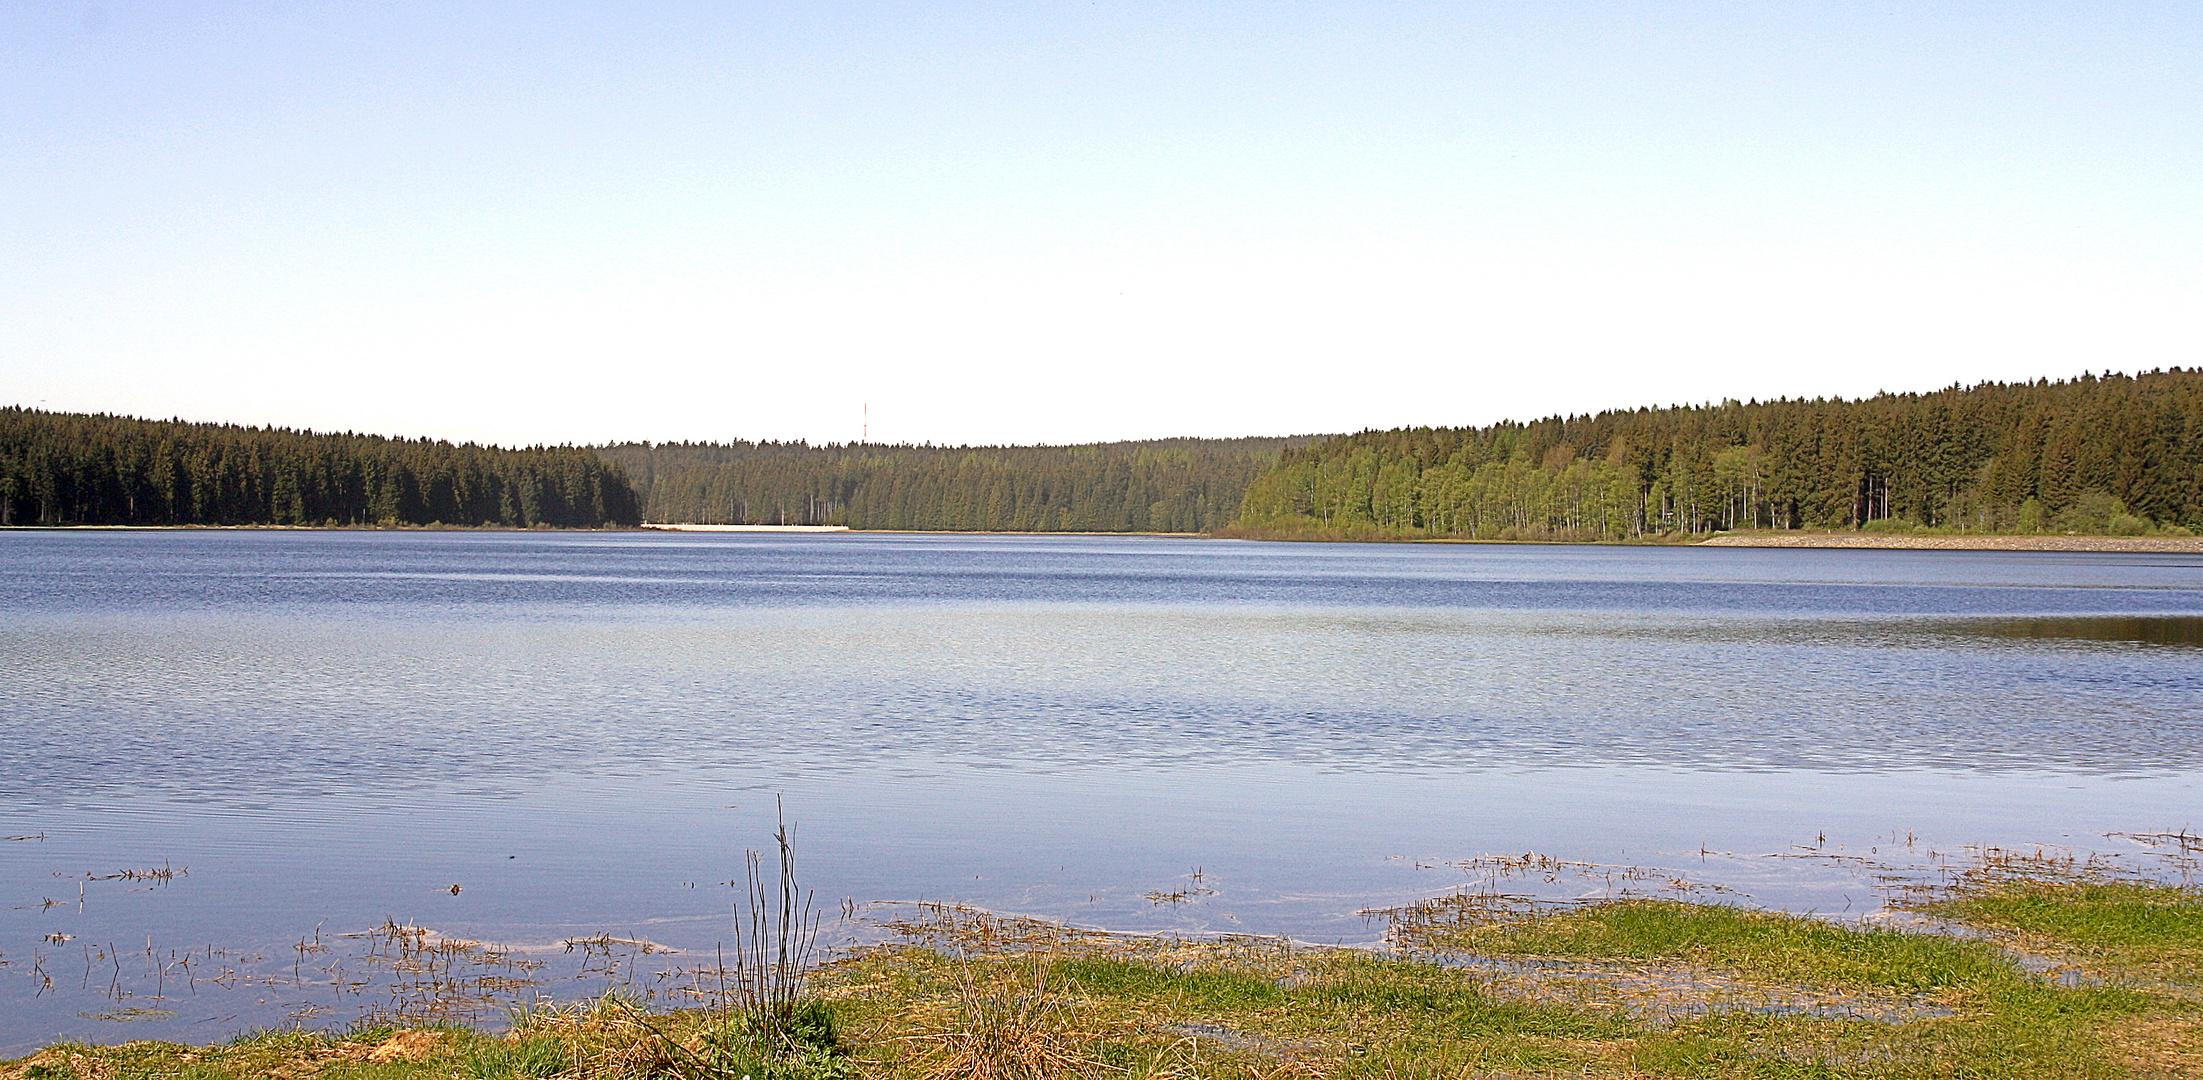 Talsperre Muldenberg im Vogtland